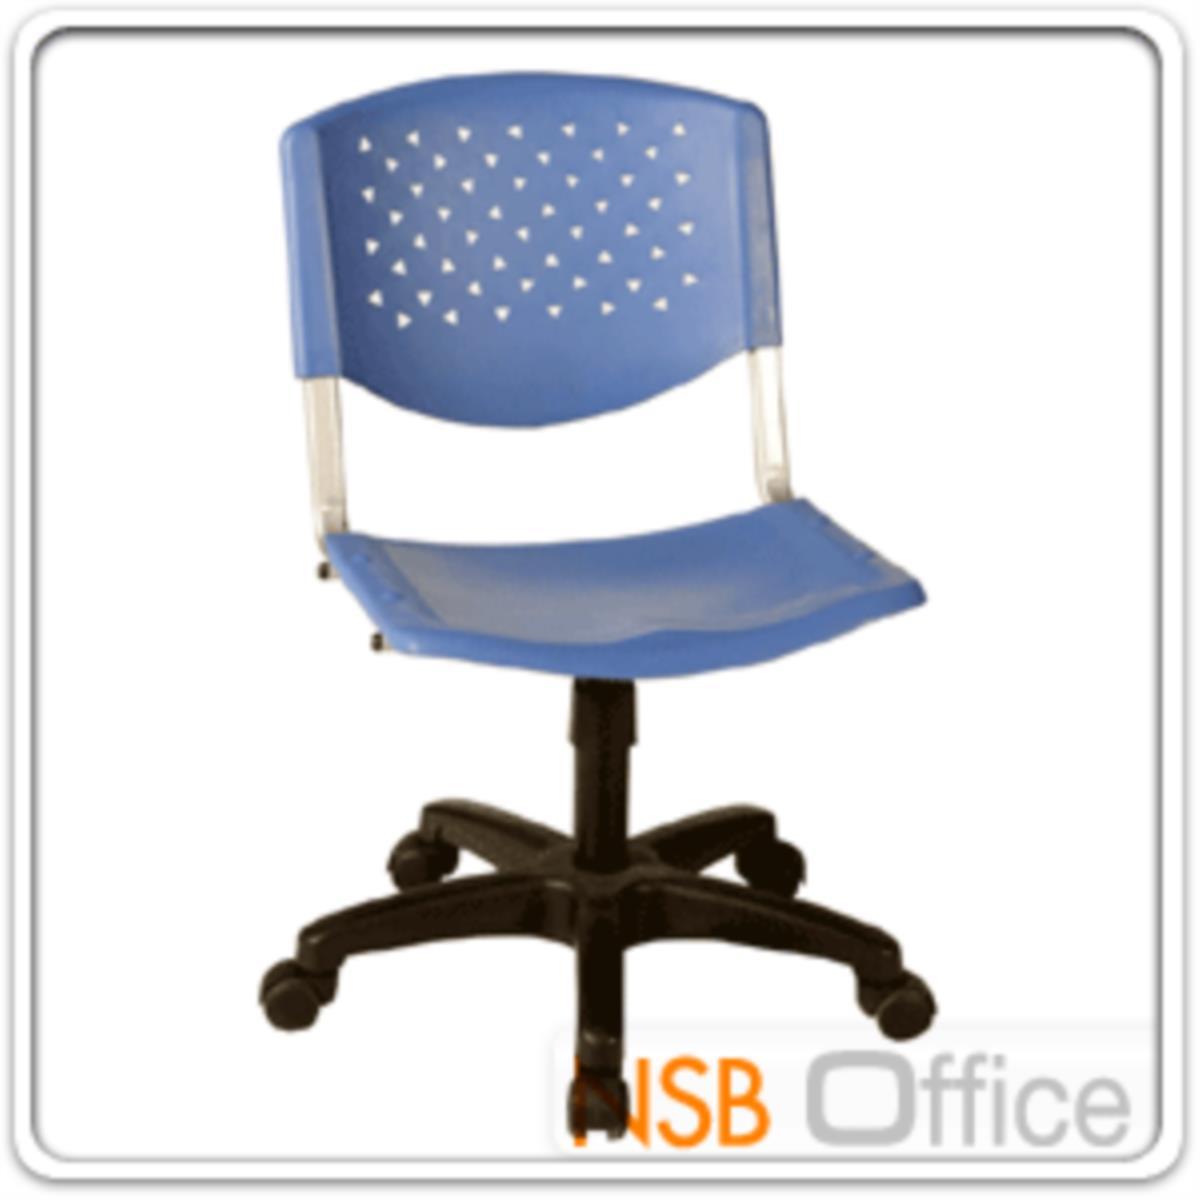 เก้าอี้สำนักงานโพลี่ รุ่น P036  ขาไฟเบอร์ดำ